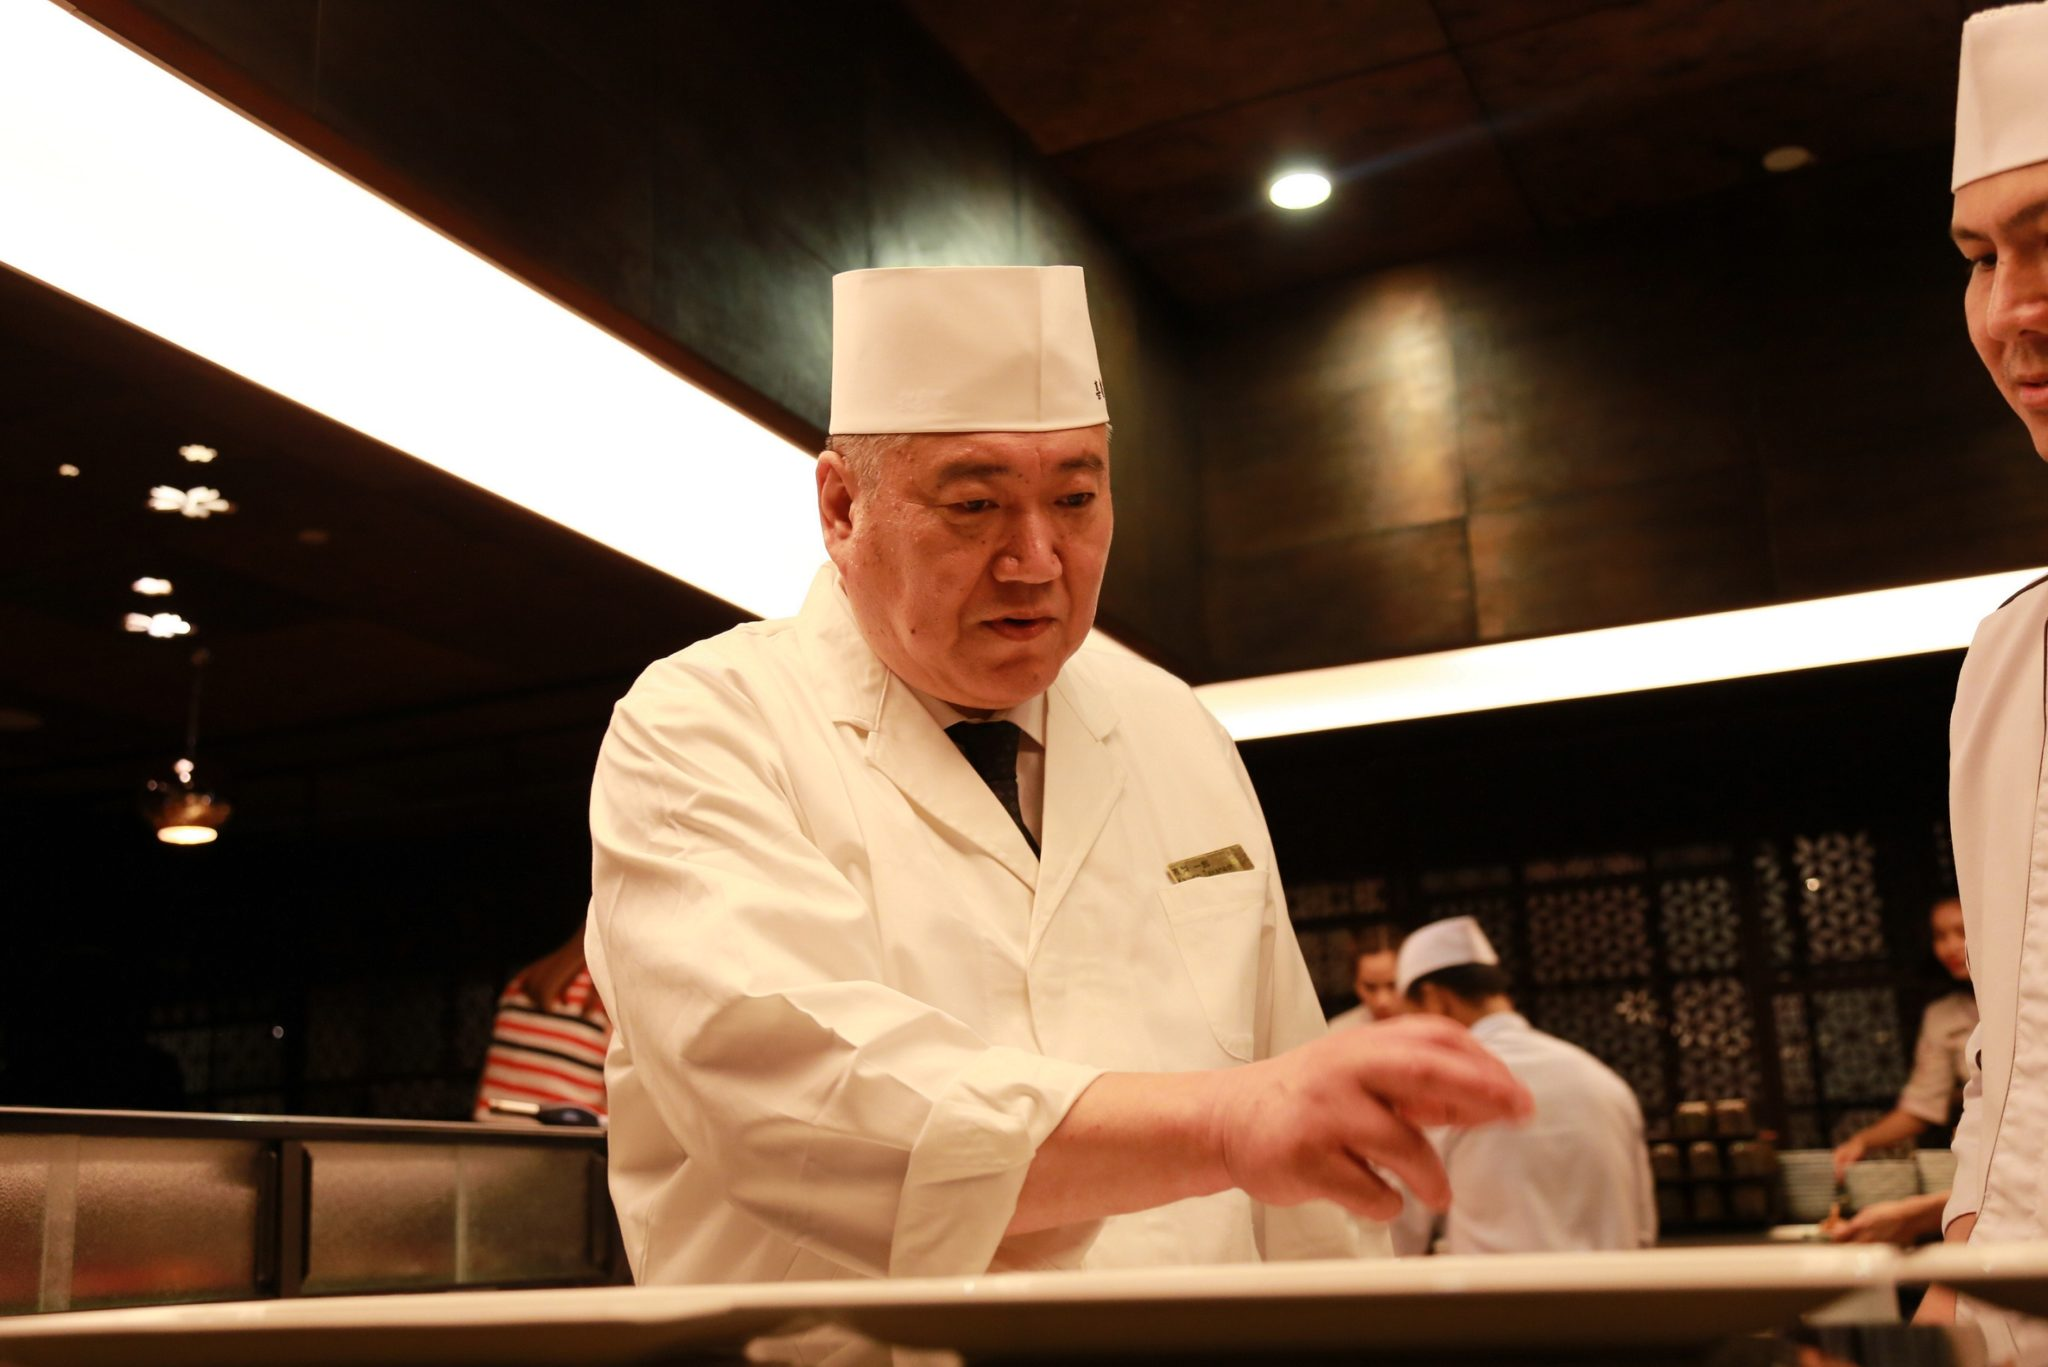 ยอดเชฟบินตรงจากฮอกไกโด พร้อมเสิร์ฟสุดยอดเมนูสุดพิเศษ ที่ห้องอาหารญี่ปุ่นคิสโสะ 13 -